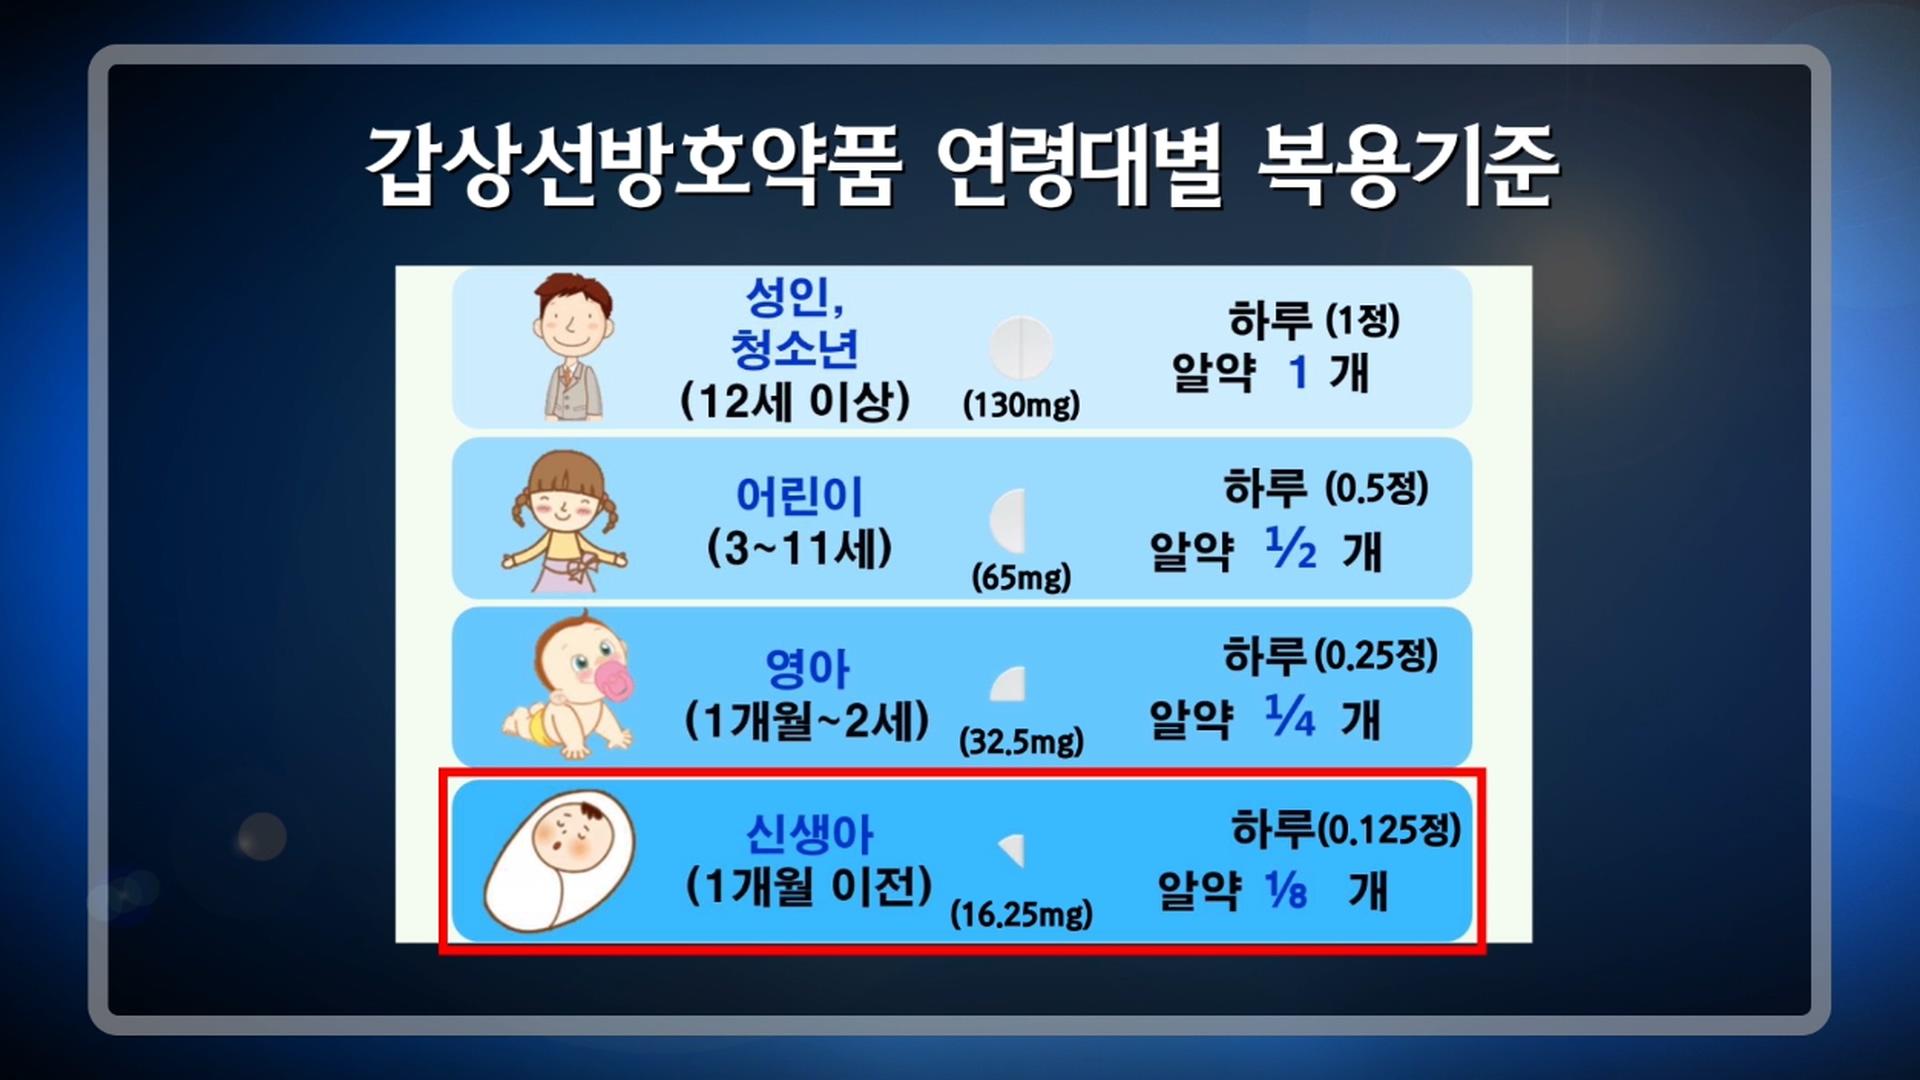 갑상선방호약품 교육영상주민국문.mp4_20180512_172910.911.jpg